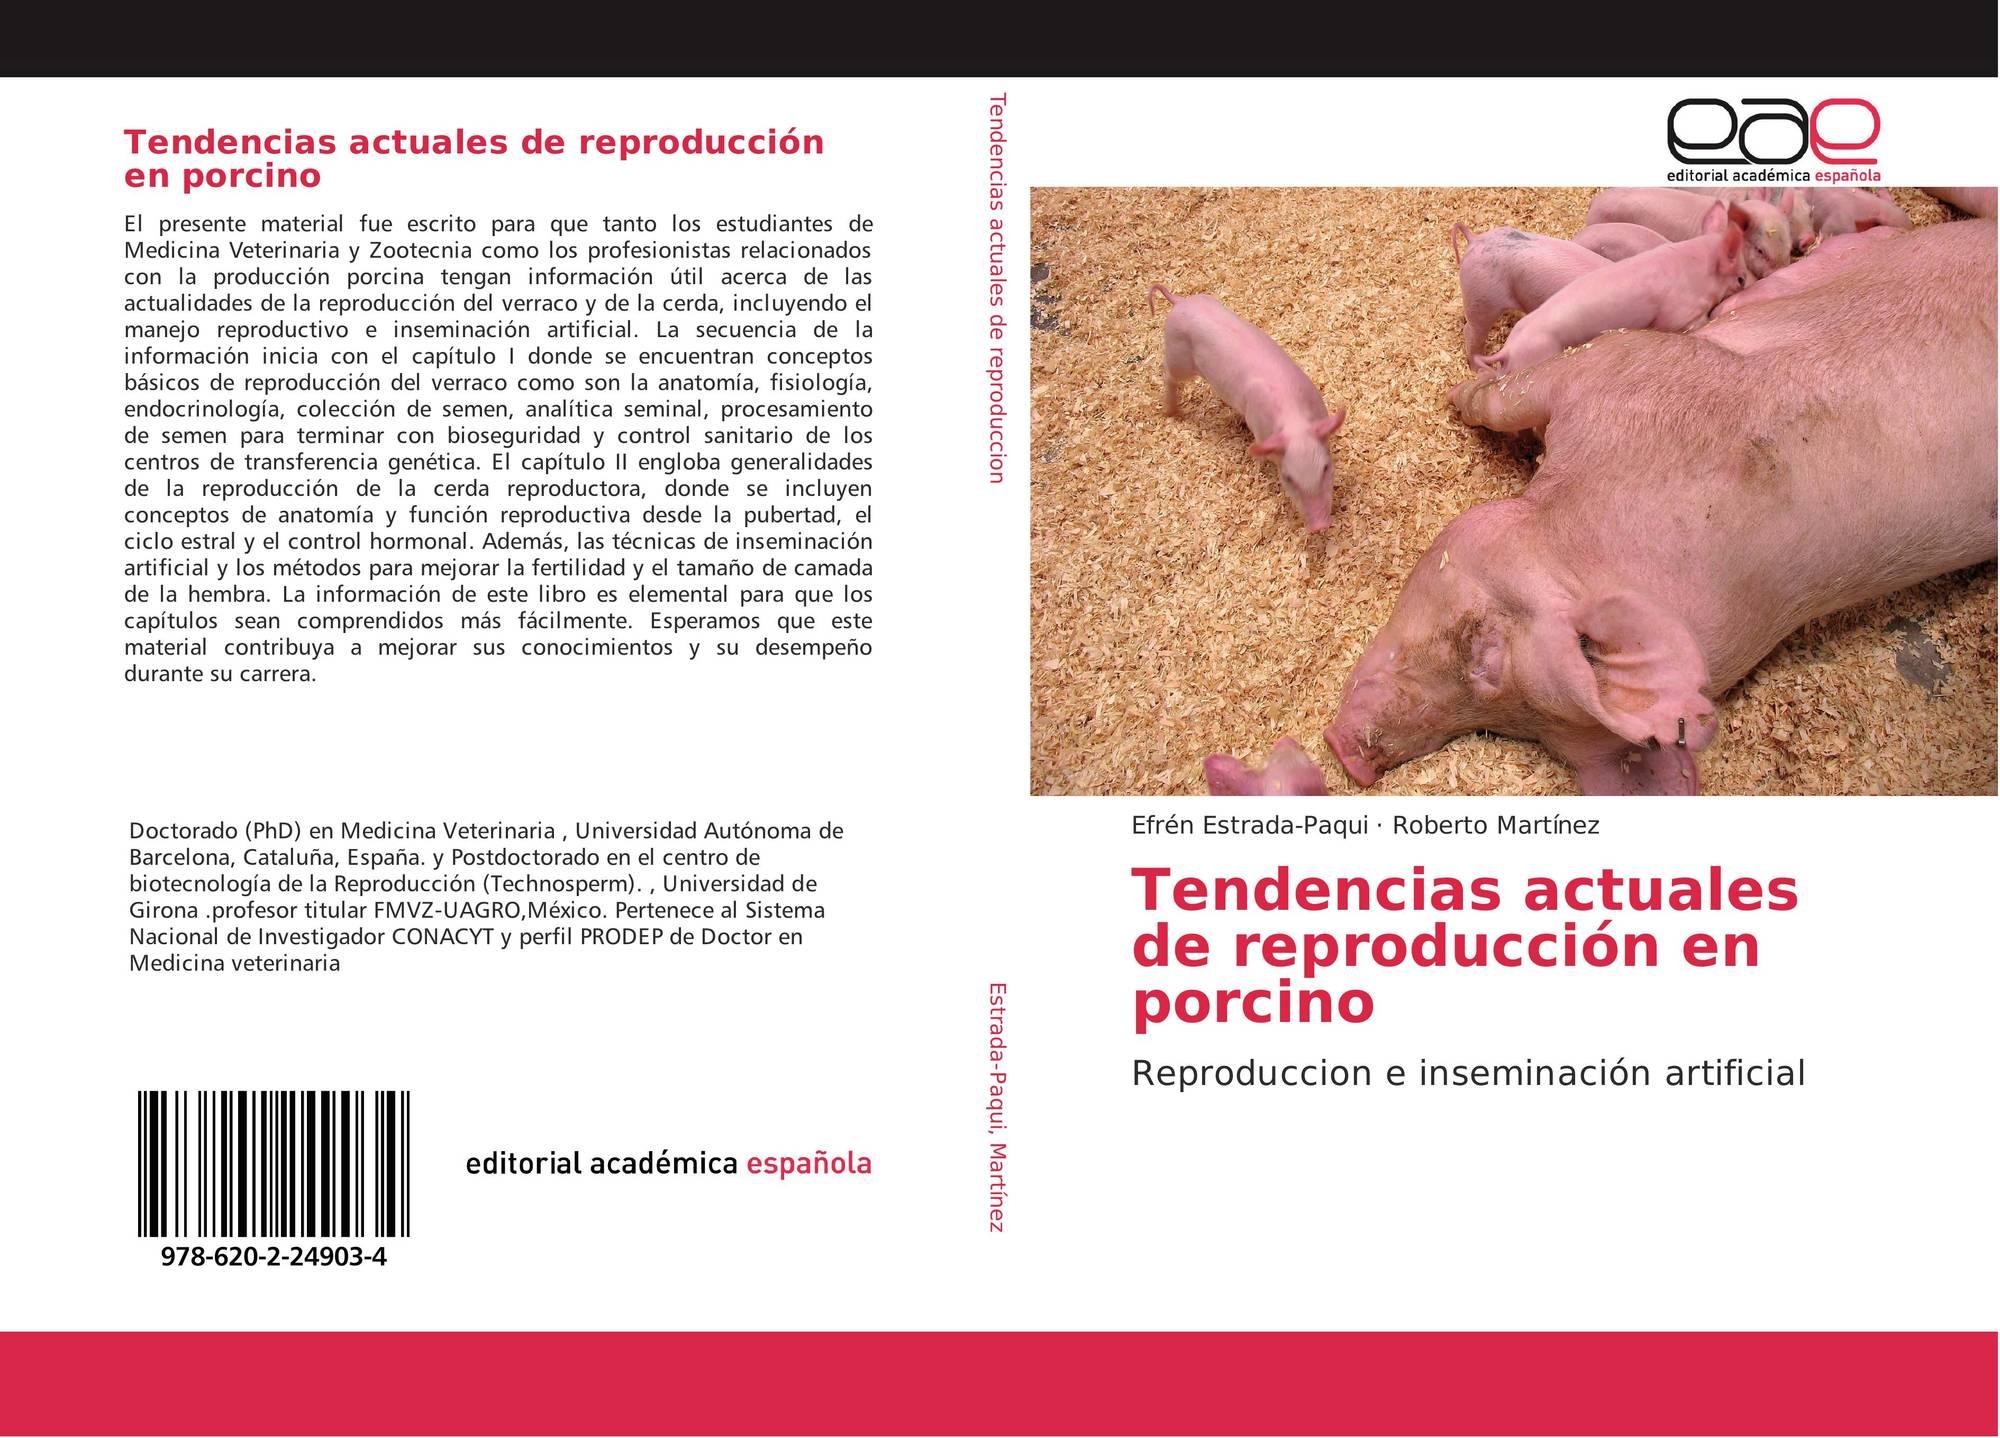 Tendencias actuales de reproducción en porcino, 978-620-2-24903-4 ...